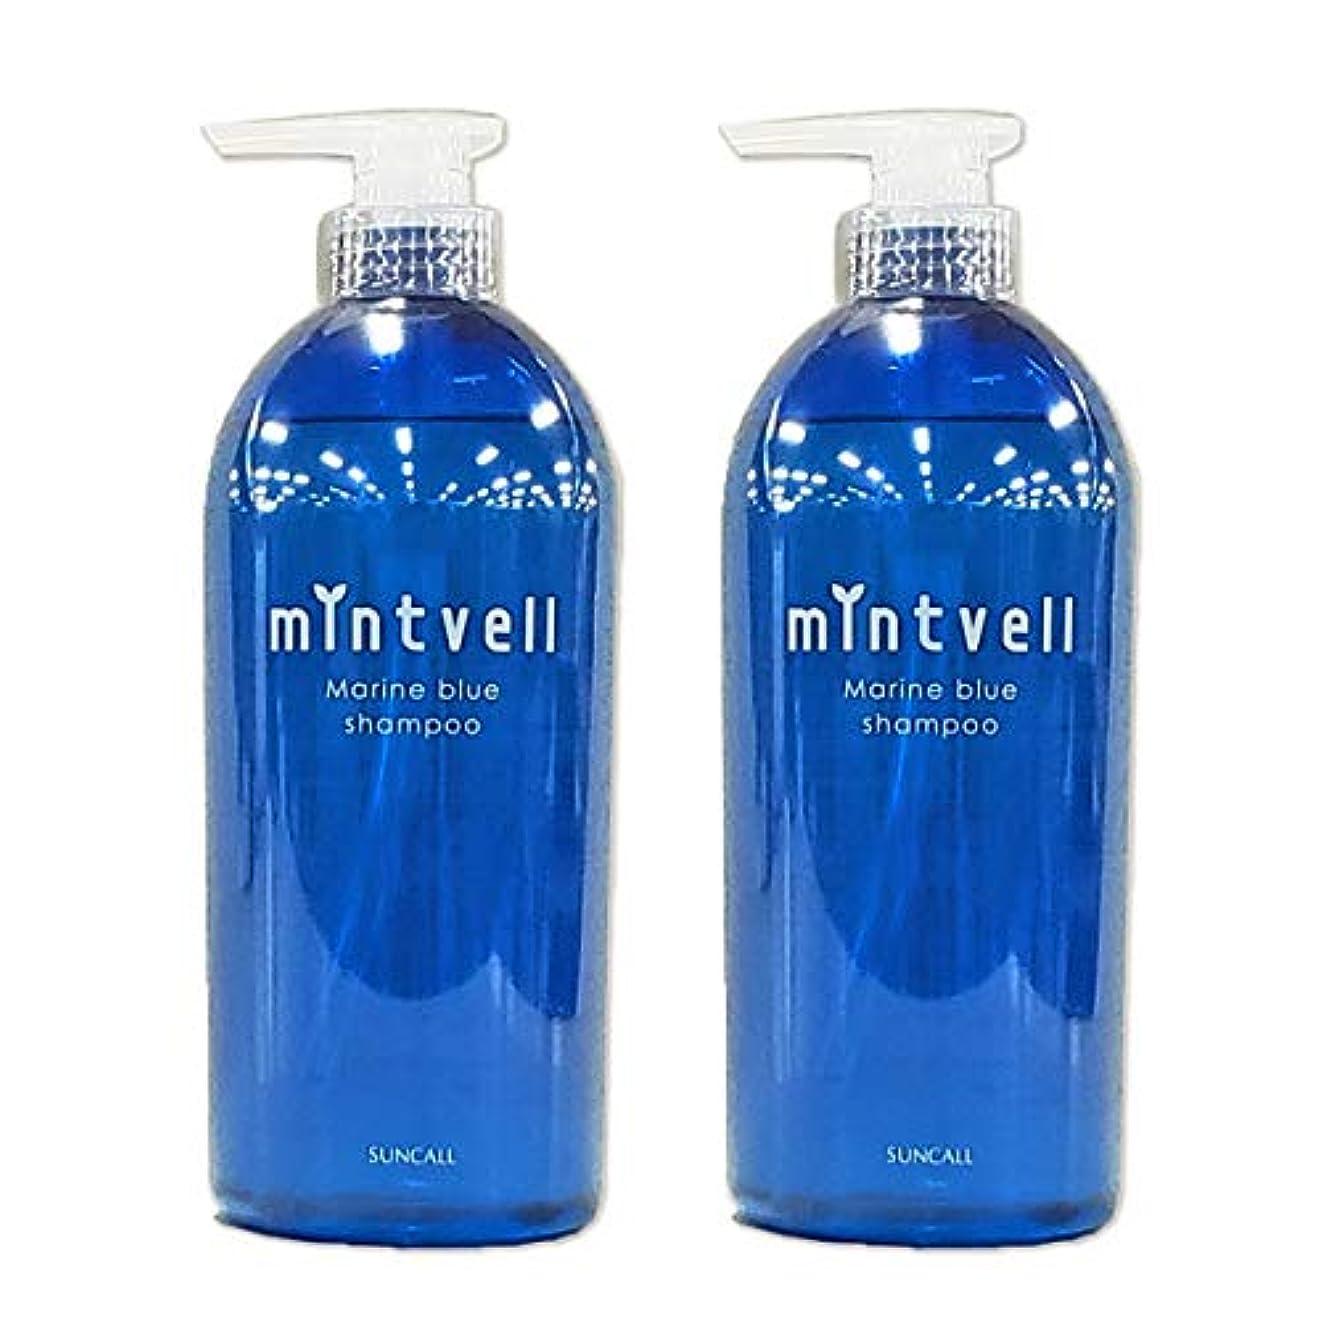 クラウド目を覚ます複製するサンコール ミントベル マリンブルー シャンプー <675mL×2個セット> SUNCALL mintvell メントール